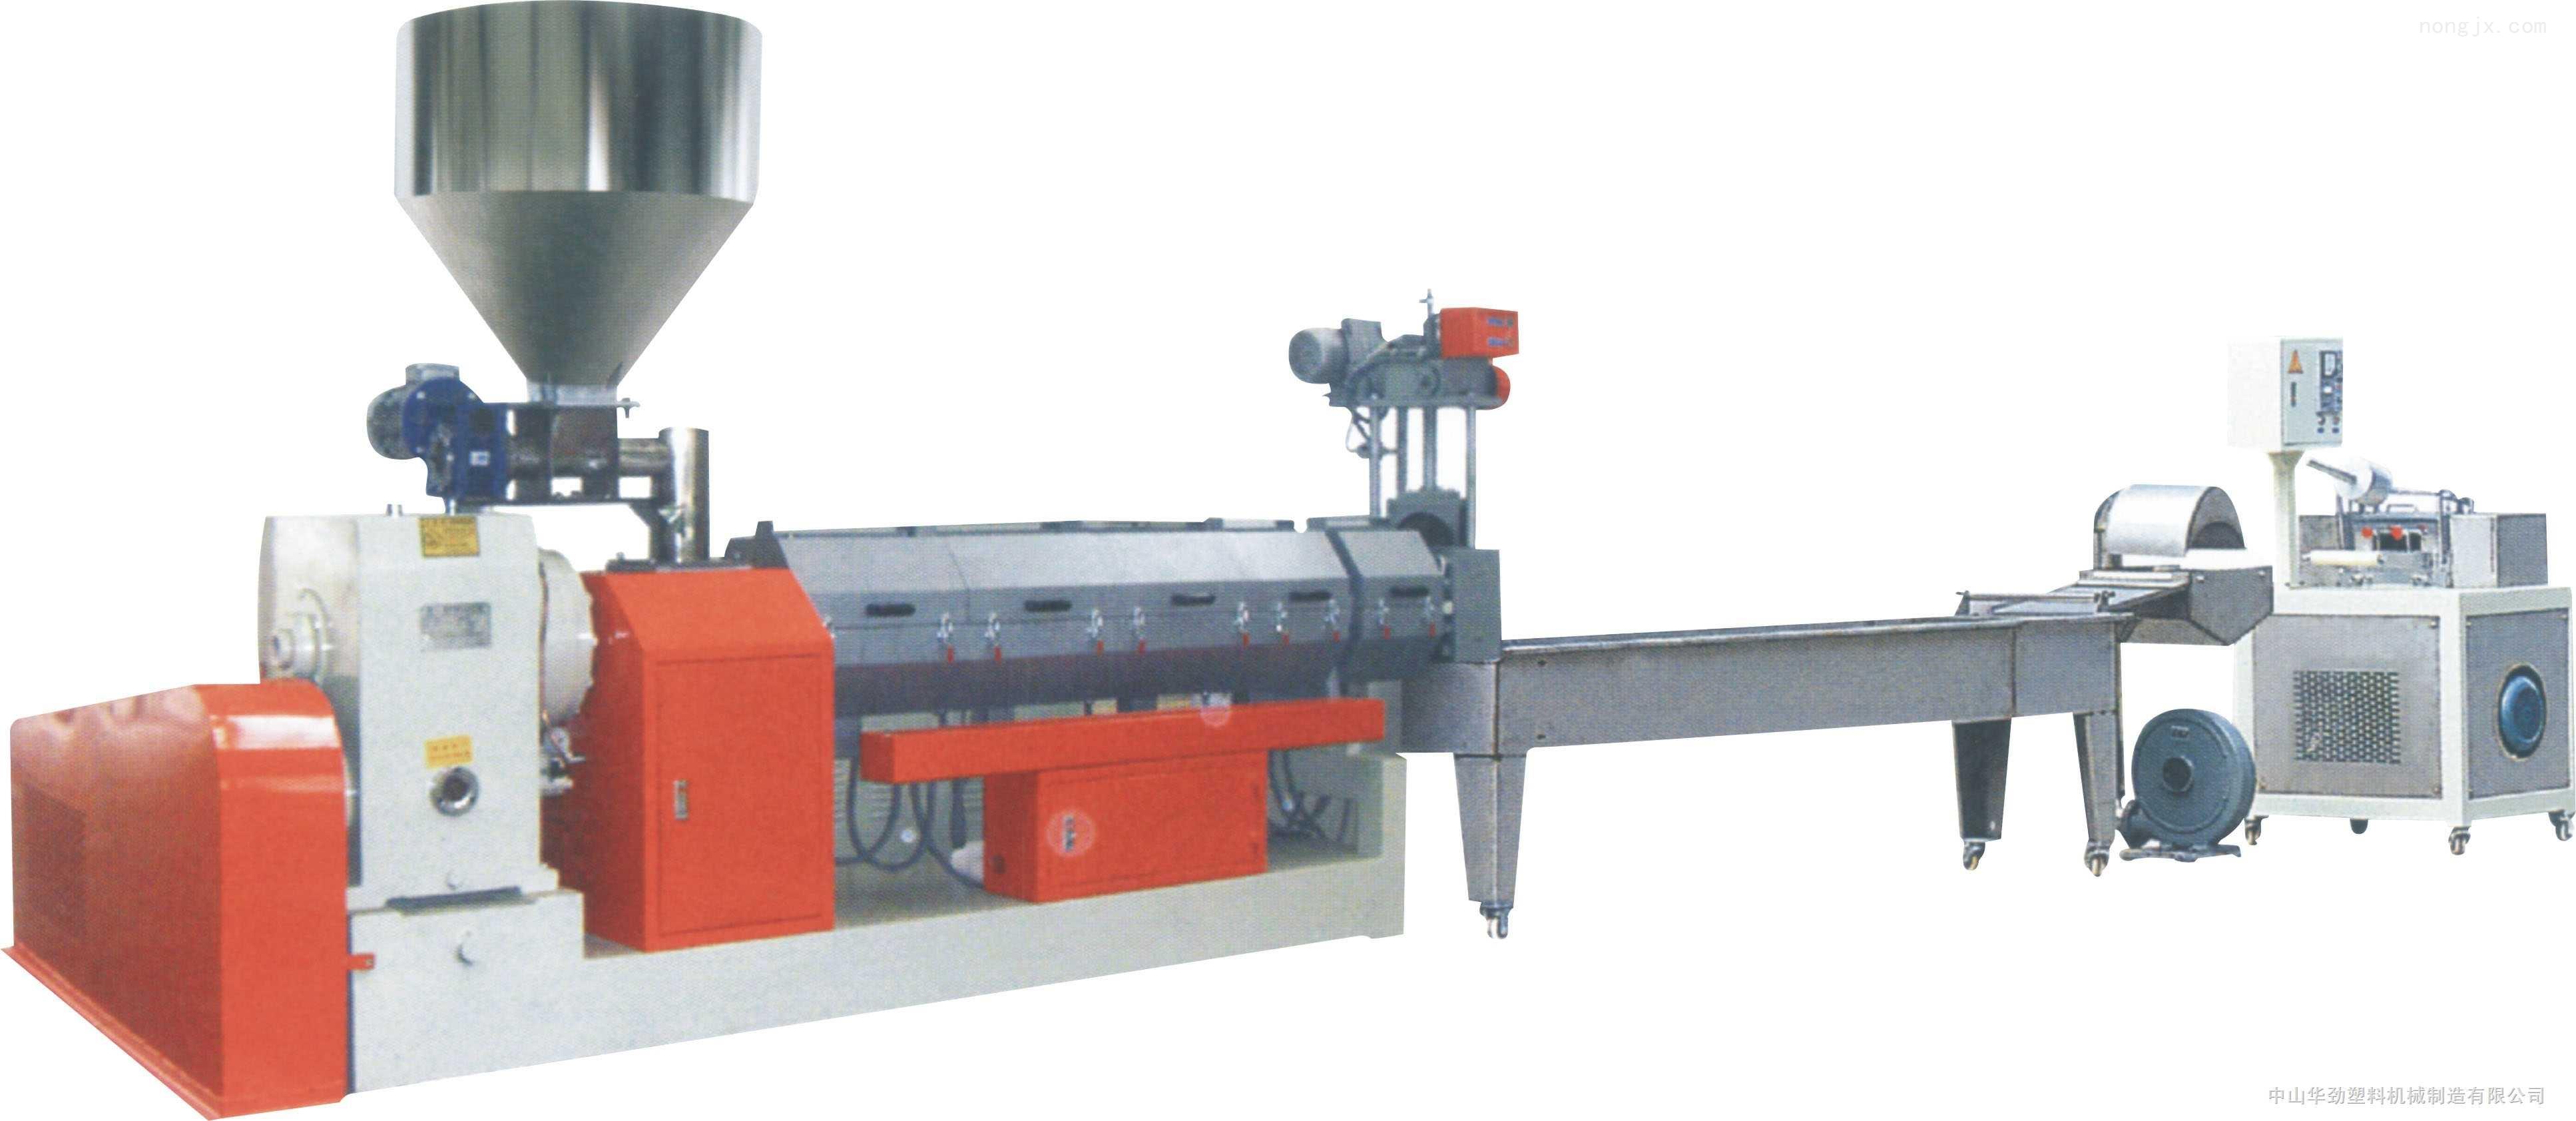 厂家直销,品质保证 HDPE 塑料挤出造粒机 B65-180/160